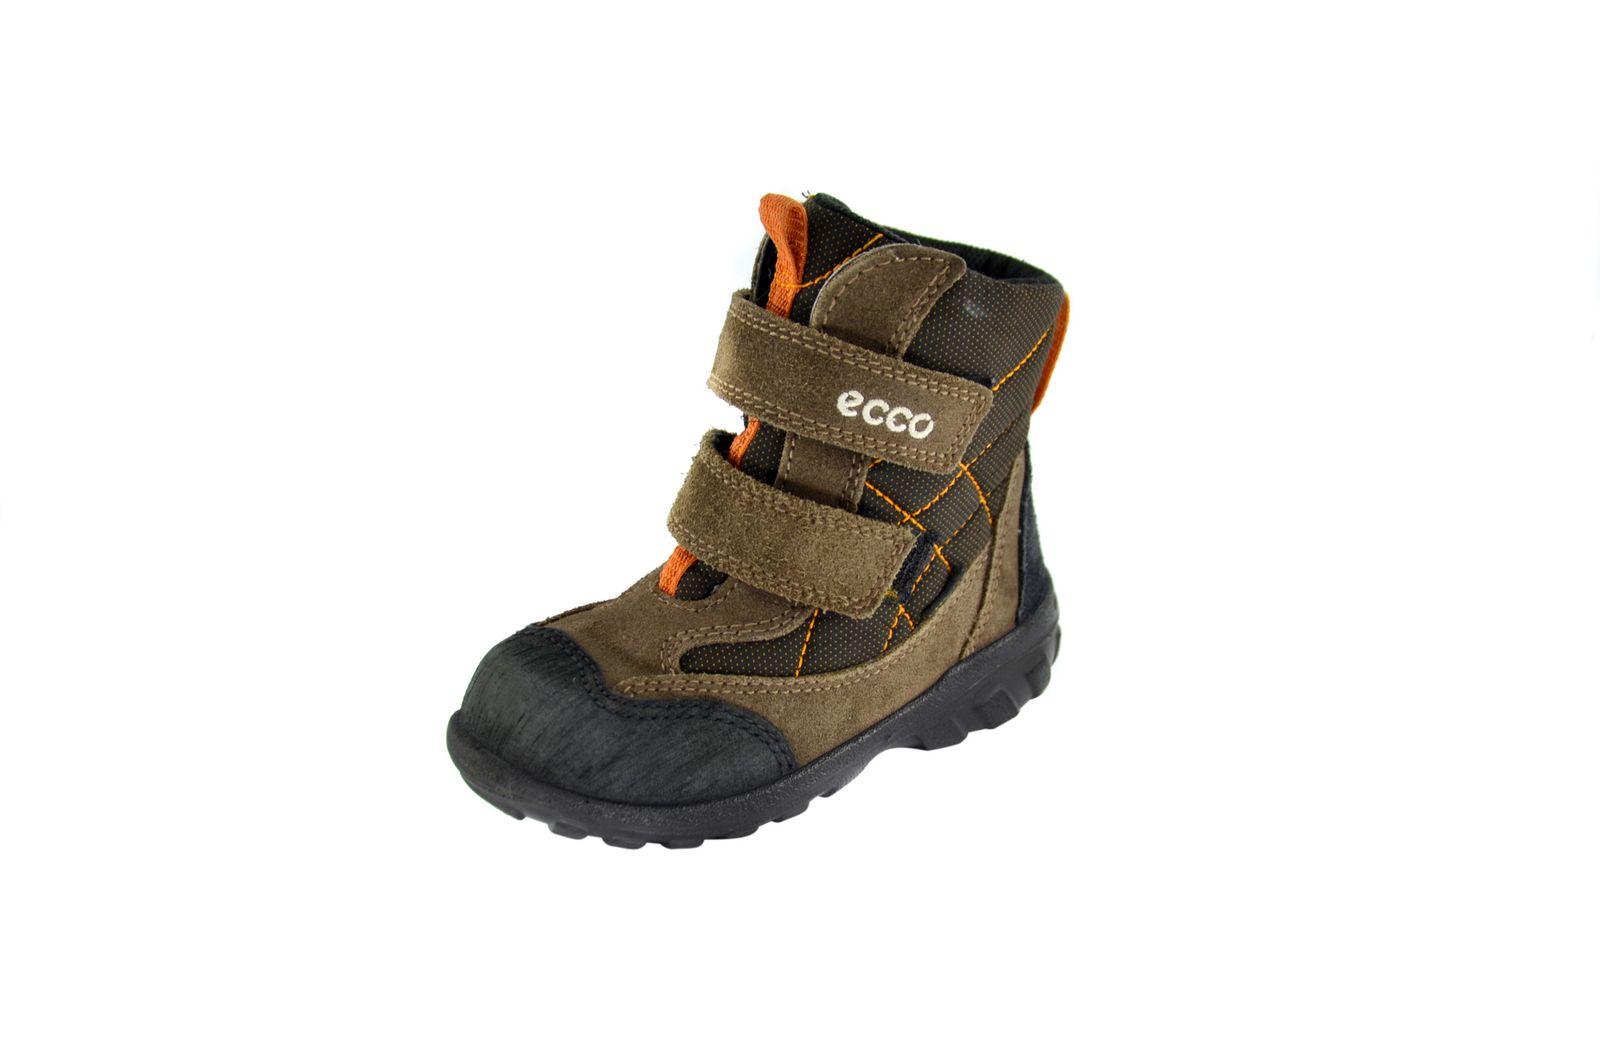 Ботинки Ecco Gore-tex. Стелька 15 4e09258f6b7a3